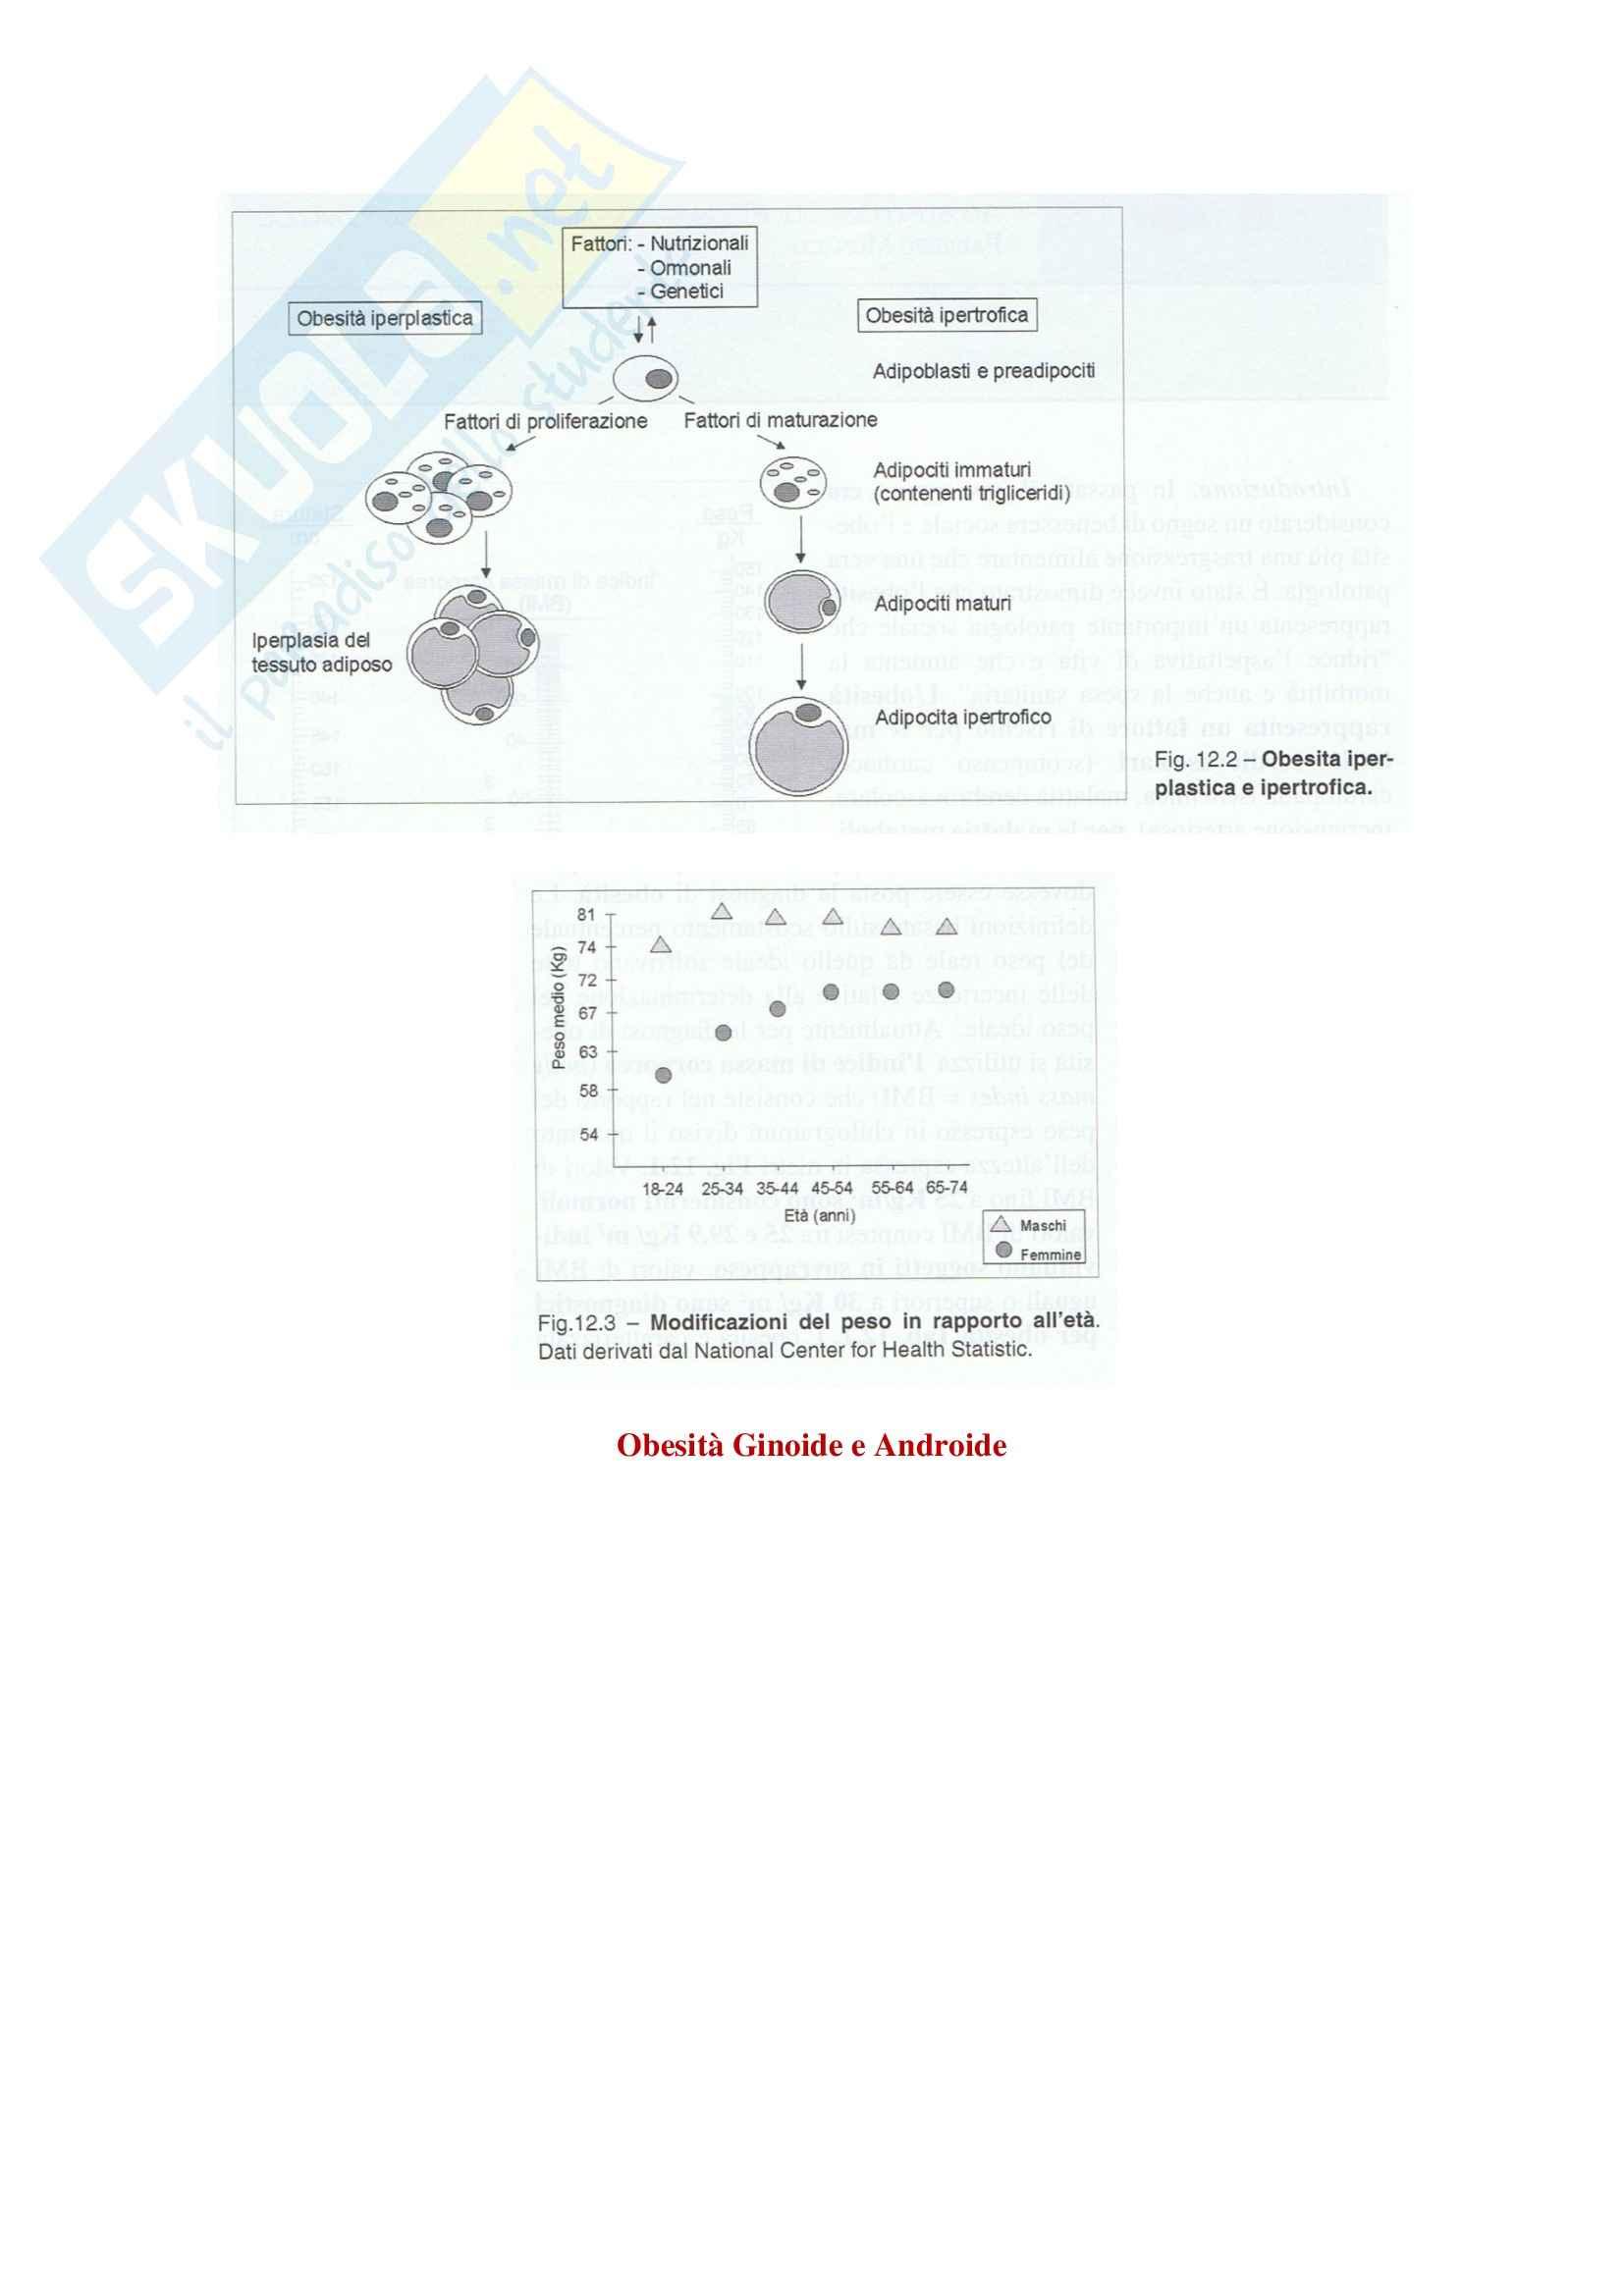 Endocrinologia - obesità Pag. 2